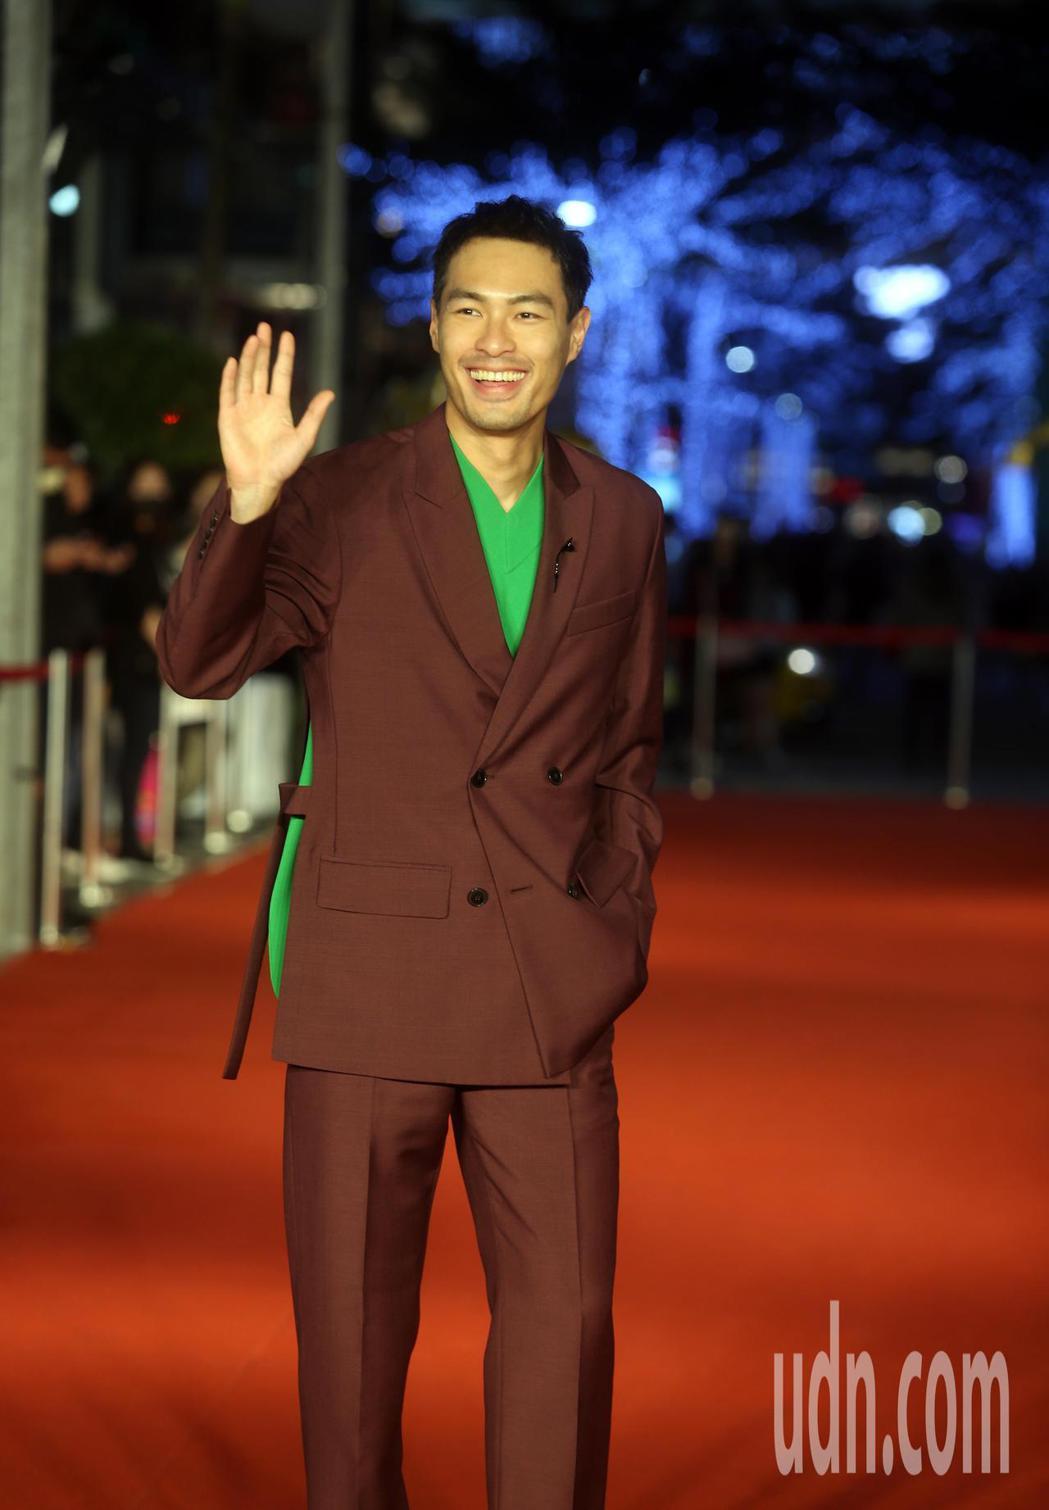 金馬影展開幕紅毯儀式,《腿》劇組楊祐寧出席。記者曾吉松/攝影